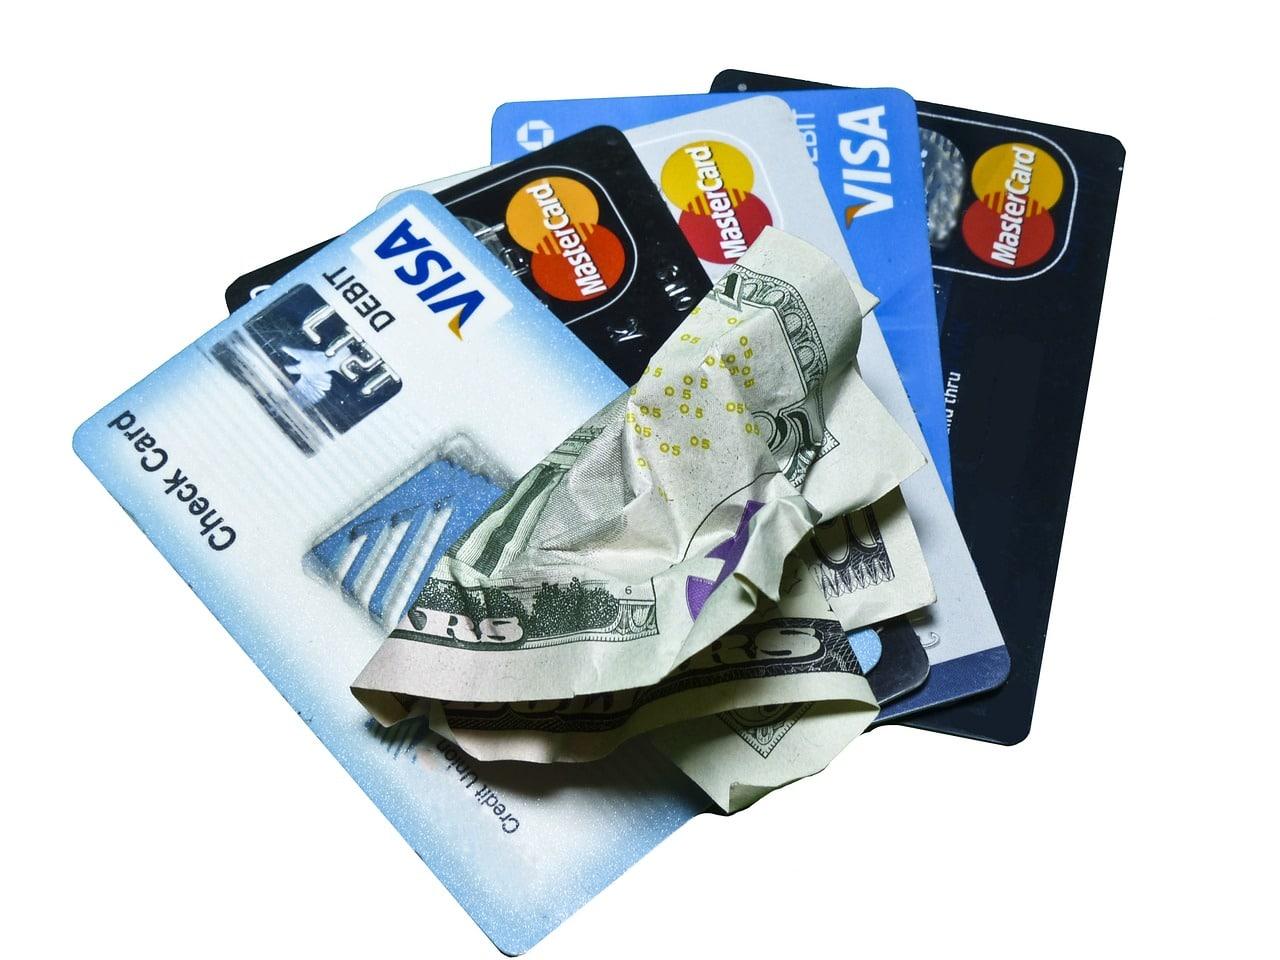 BTC Transaktionswert übertrifft PayPal und holt gegenüber VISA auf - Coincierge